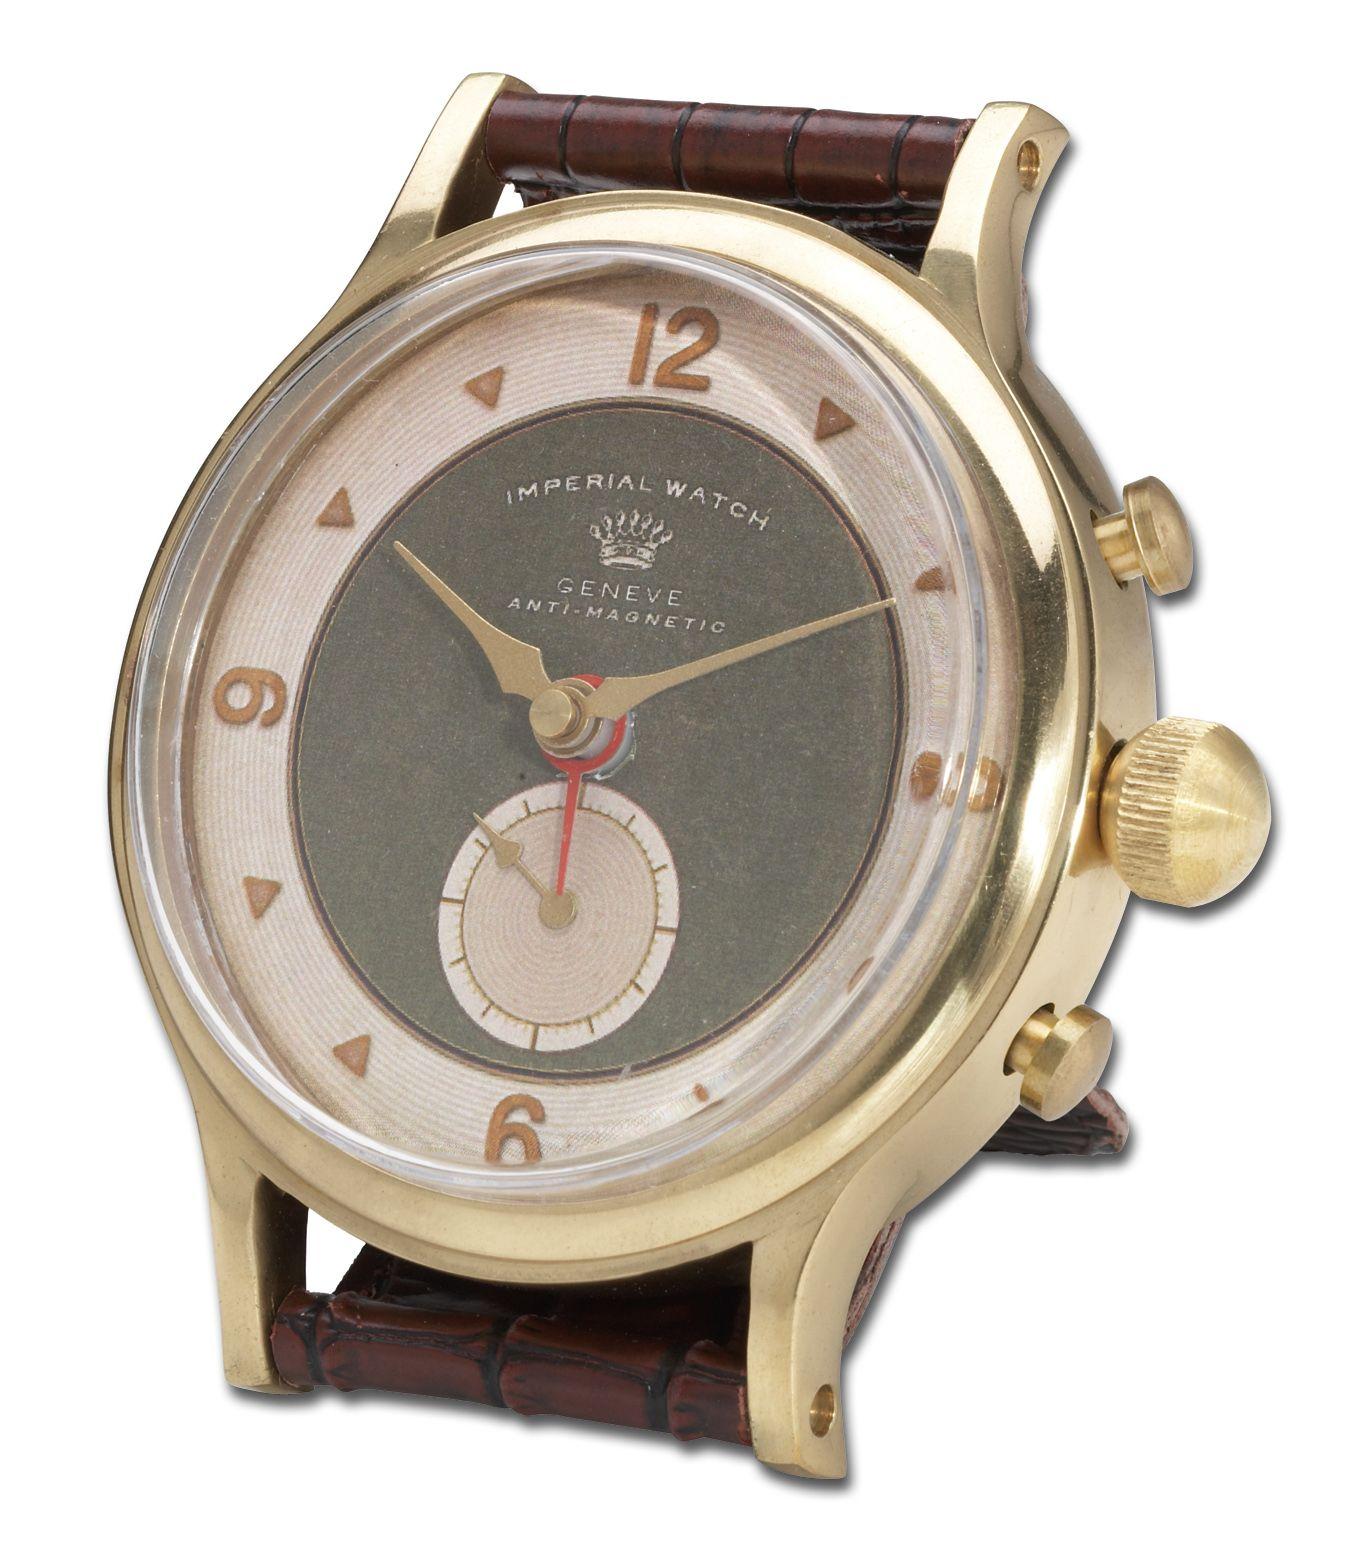 Uttermost 06073 Wristwatch Alarm Round Imperial